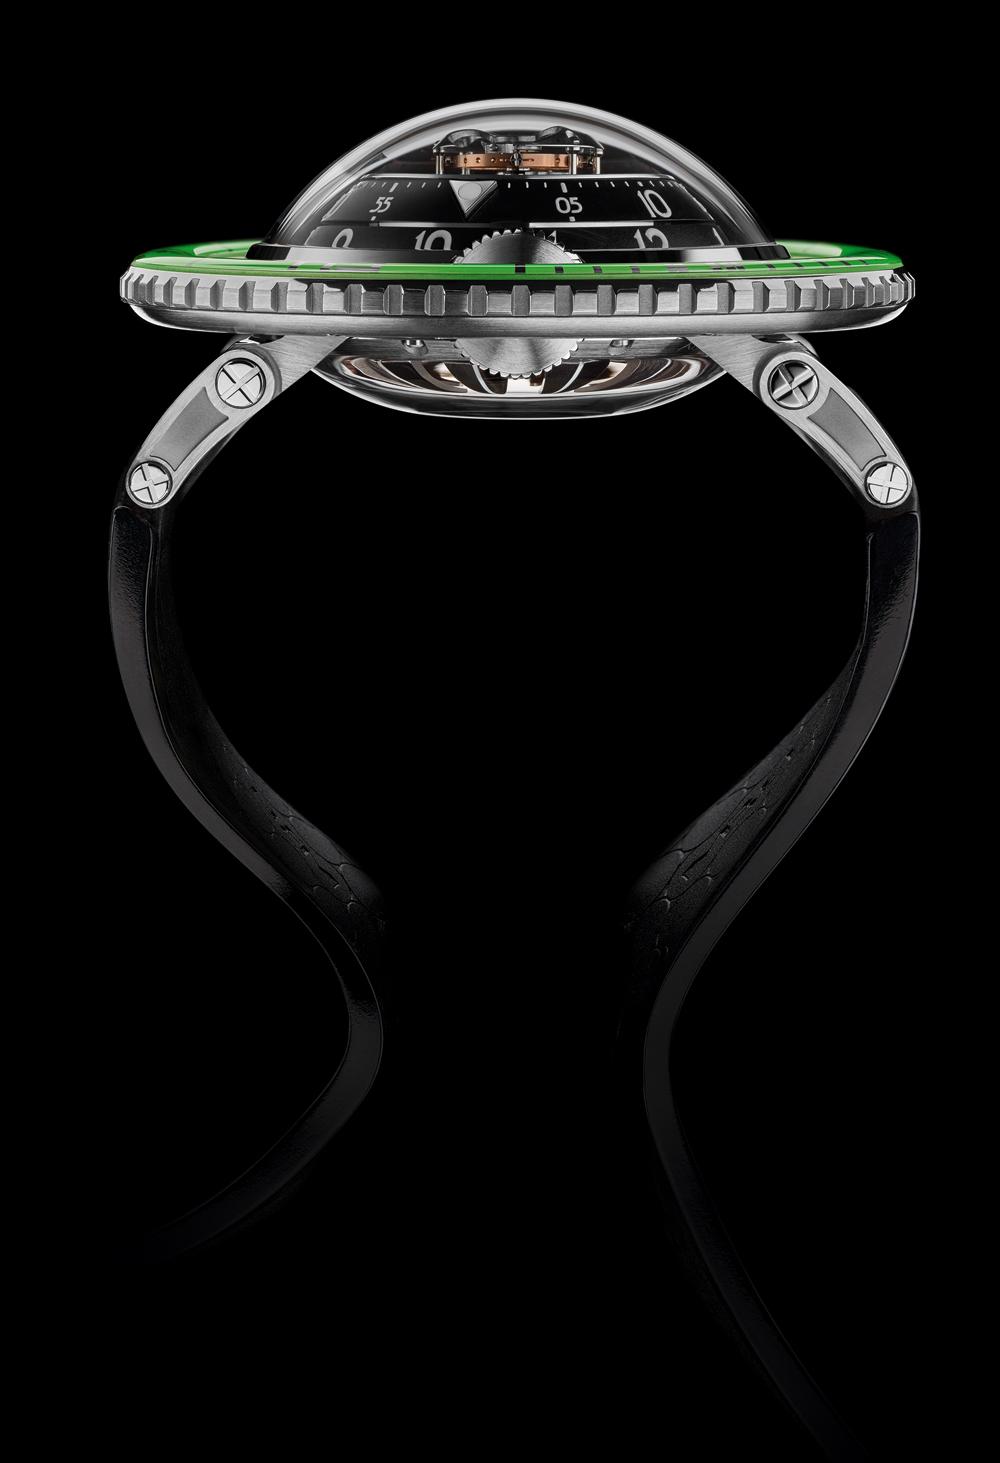 Reloj Horological Machine Nº 7 Aquapod Titanium Green. de MB&F con forma de medusa